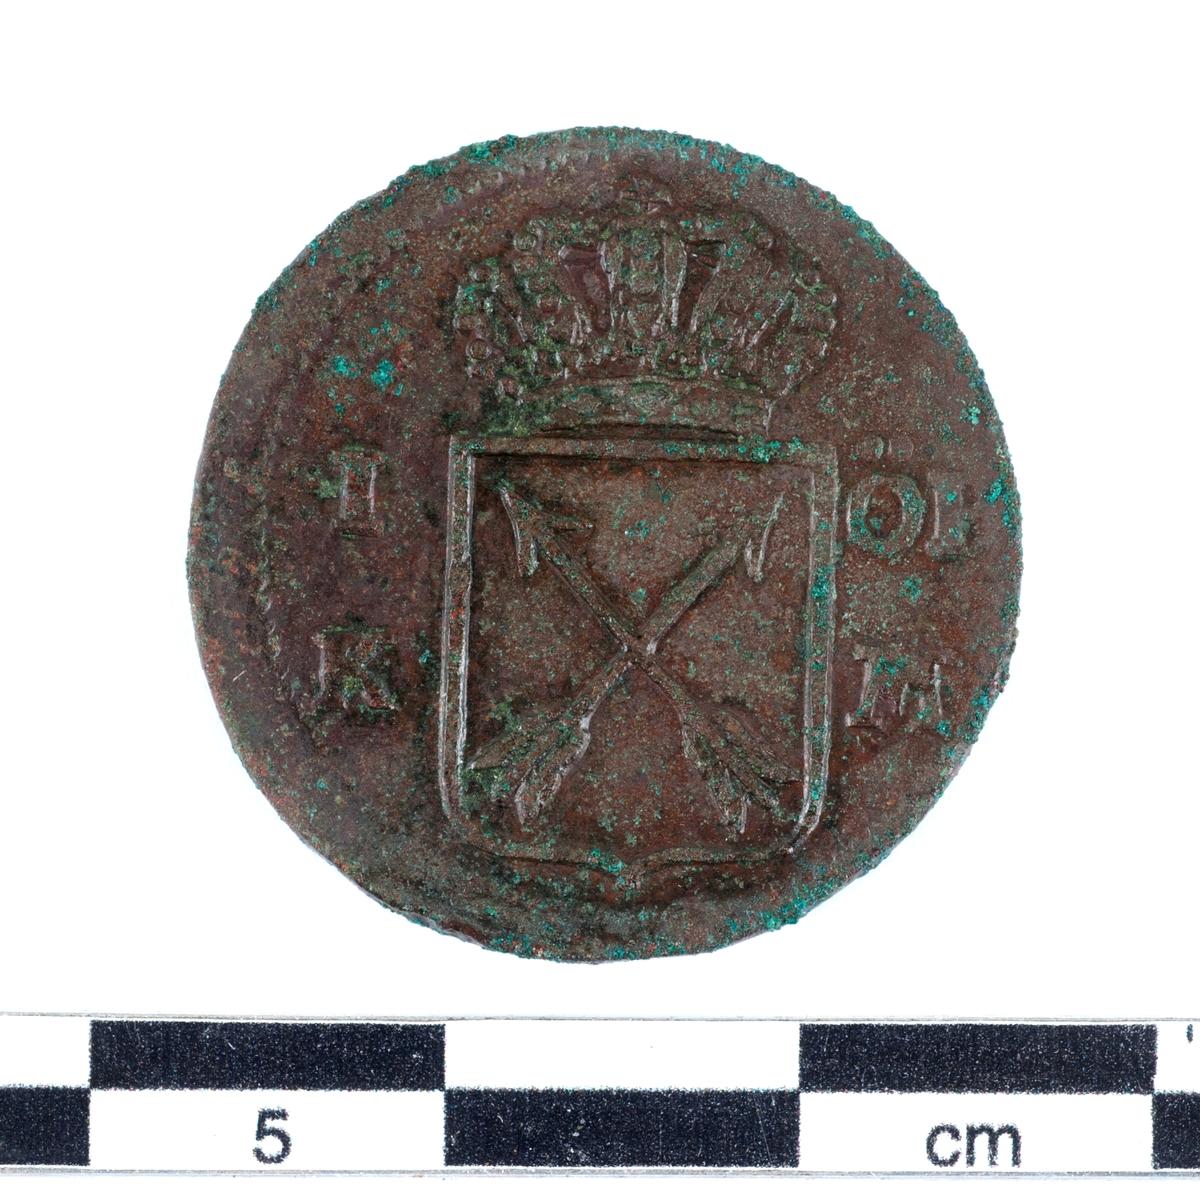 Mynt av kopparlegering. 1 öre. Präglat 1749 under Fredrik I regeringstid (1720-1751).